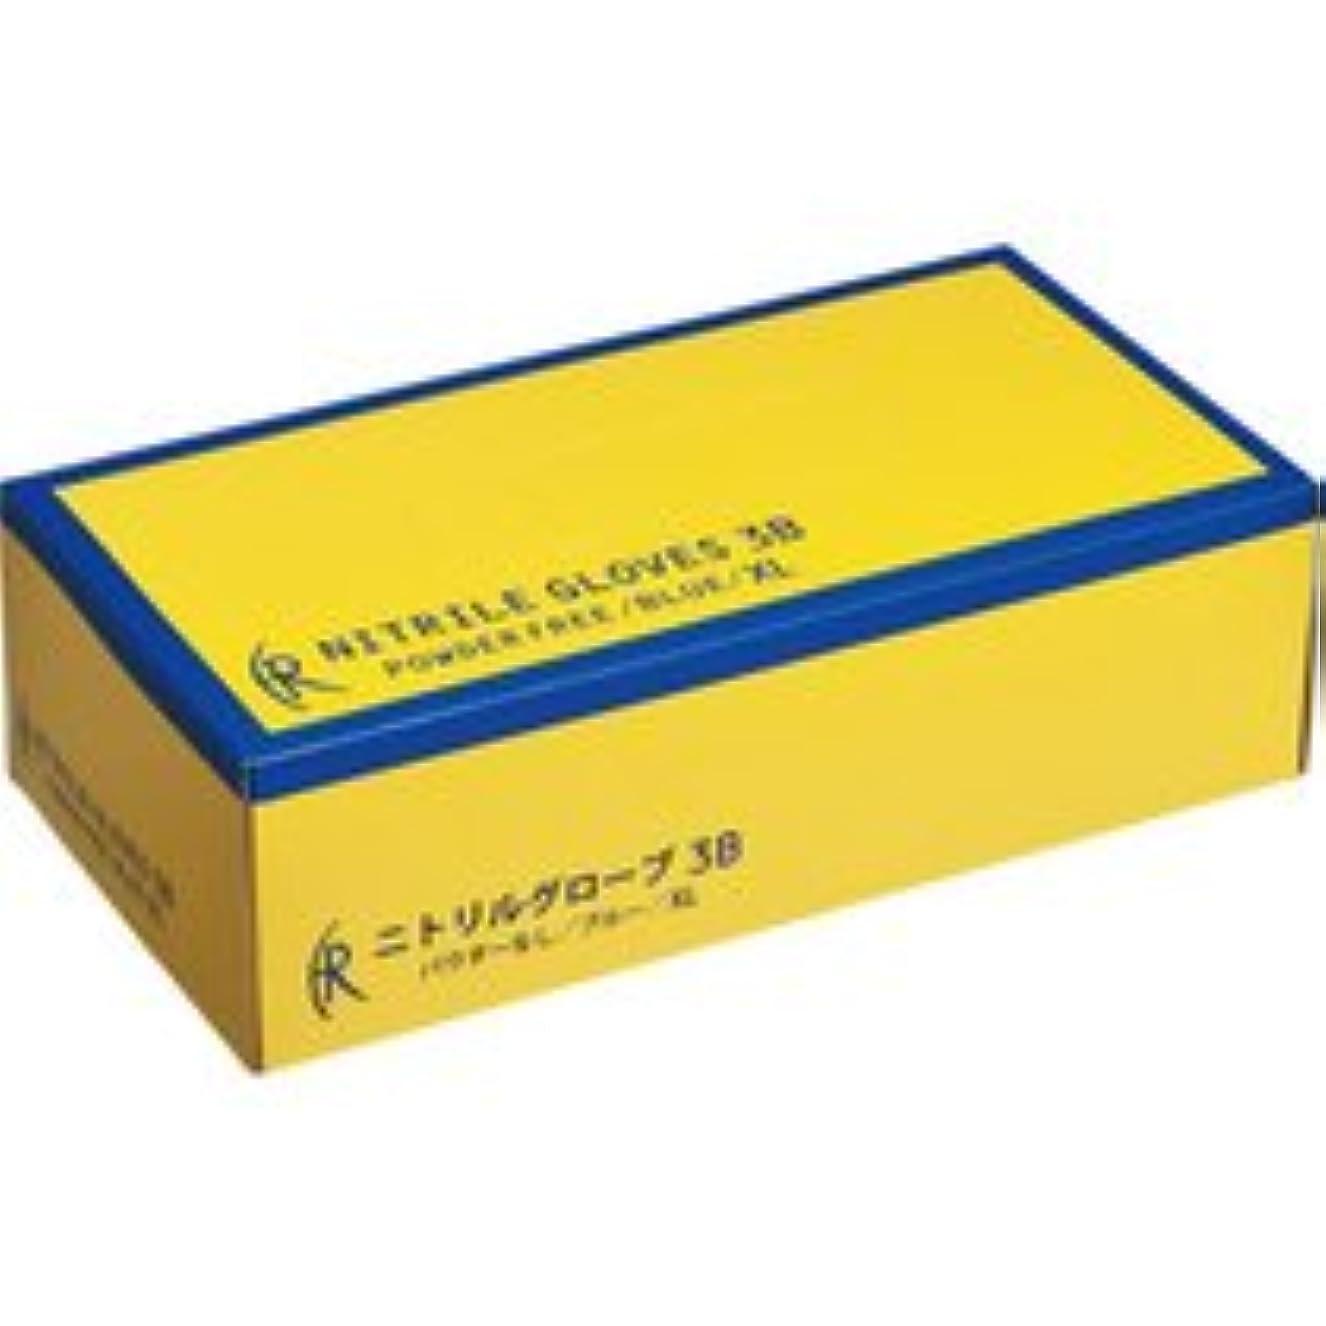 イデオロギー心理的に生産性ファーストレイト ニトリルグローブ3B パウダーフリー XL FR-5664 1箱(200枚)